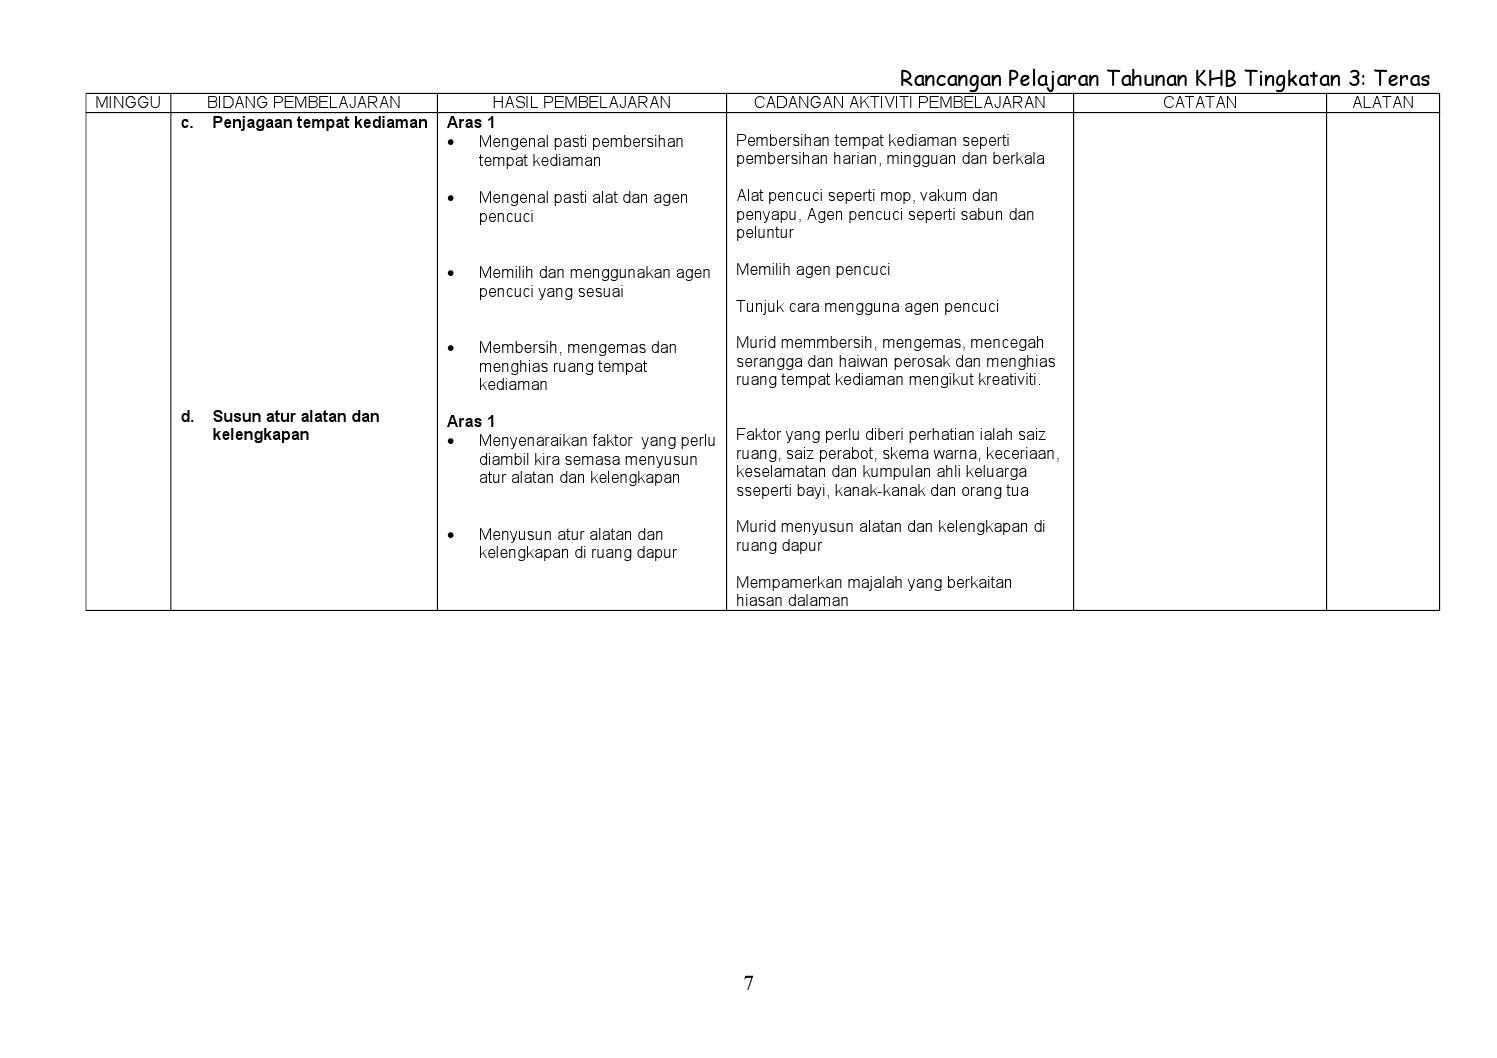 Rancangan Pelajaran Tahunan Kh Teras Tingkatan 3 By Nurul Hayati Issuu